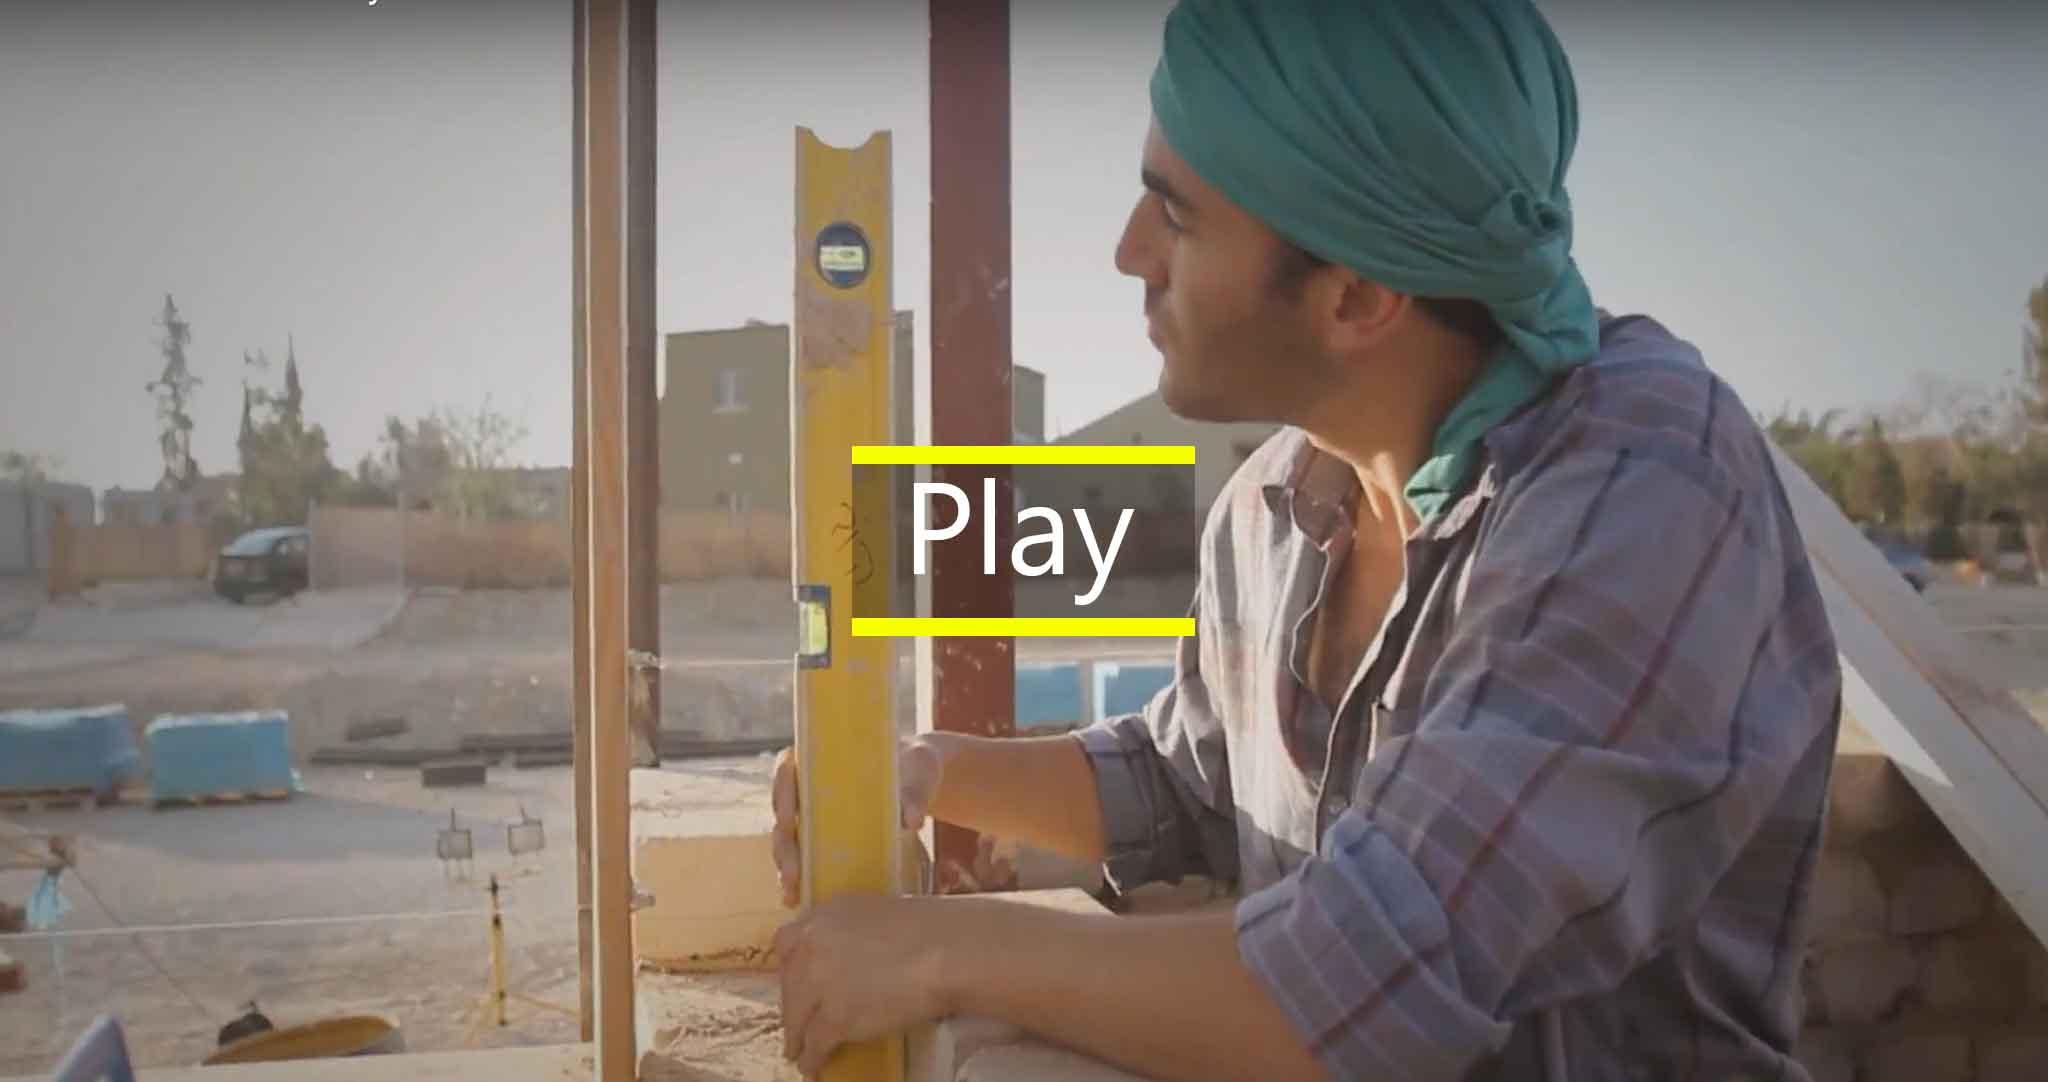 סרטון פרסומת לעמותת איילים סימנים הפקות